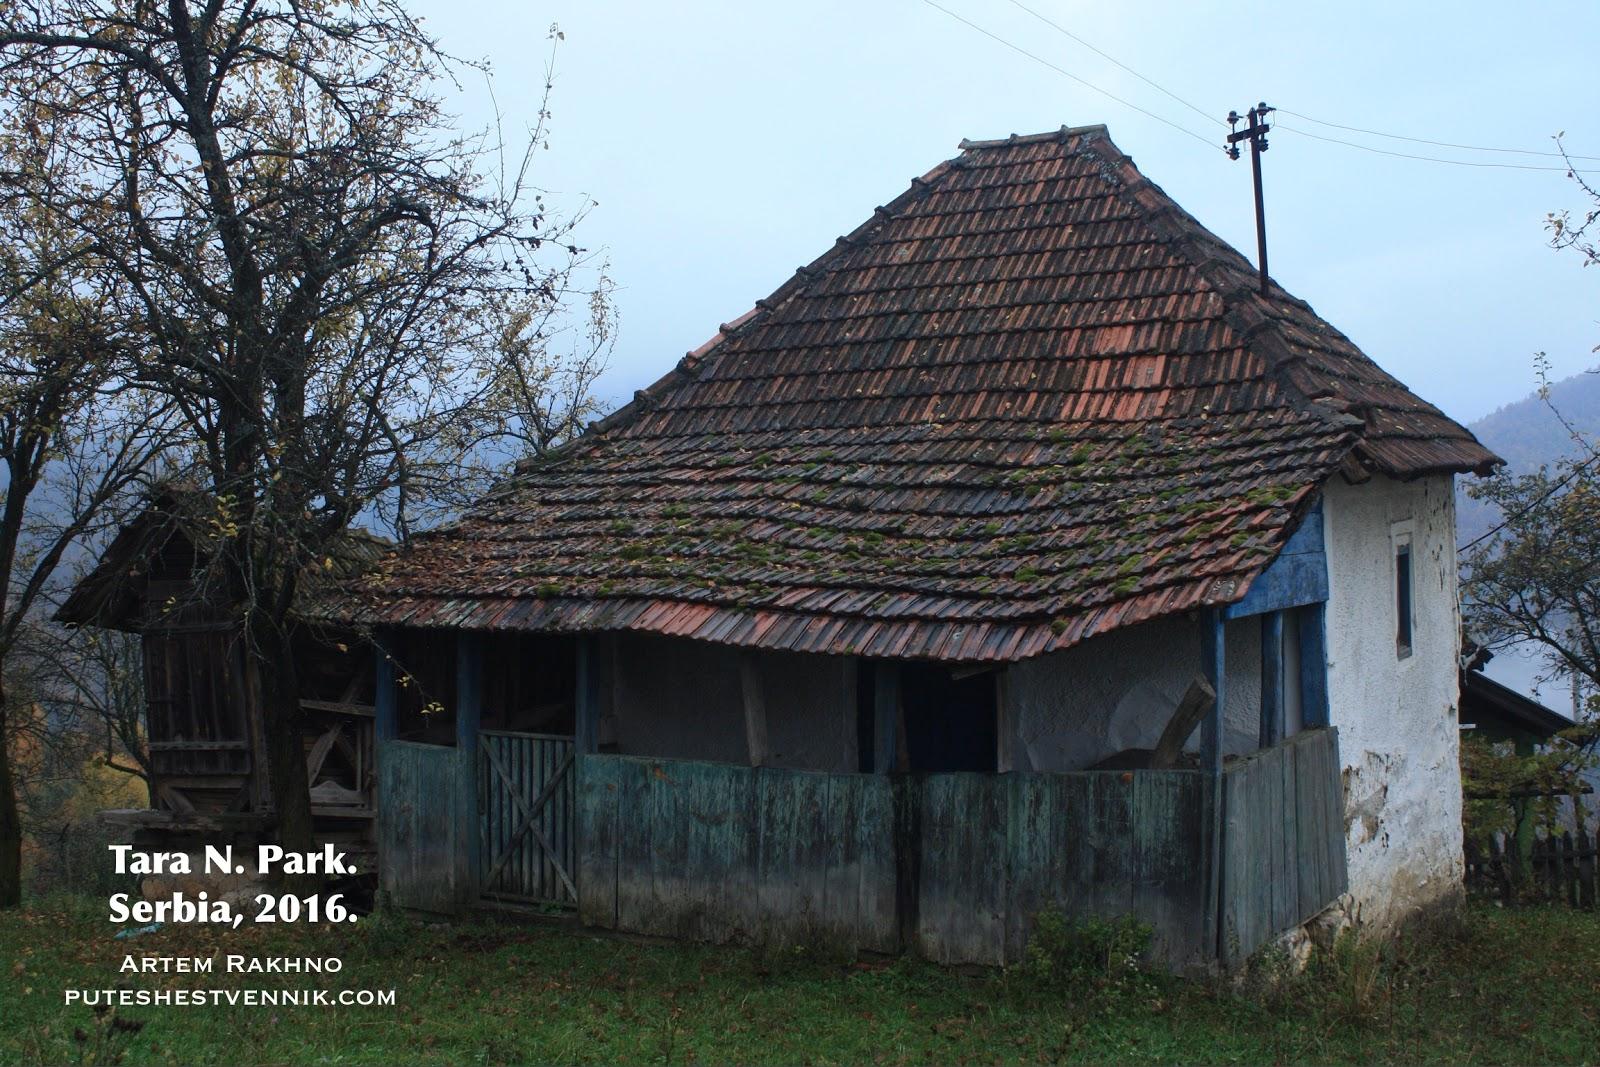 Старая крыша с черепицей в сербской деревне